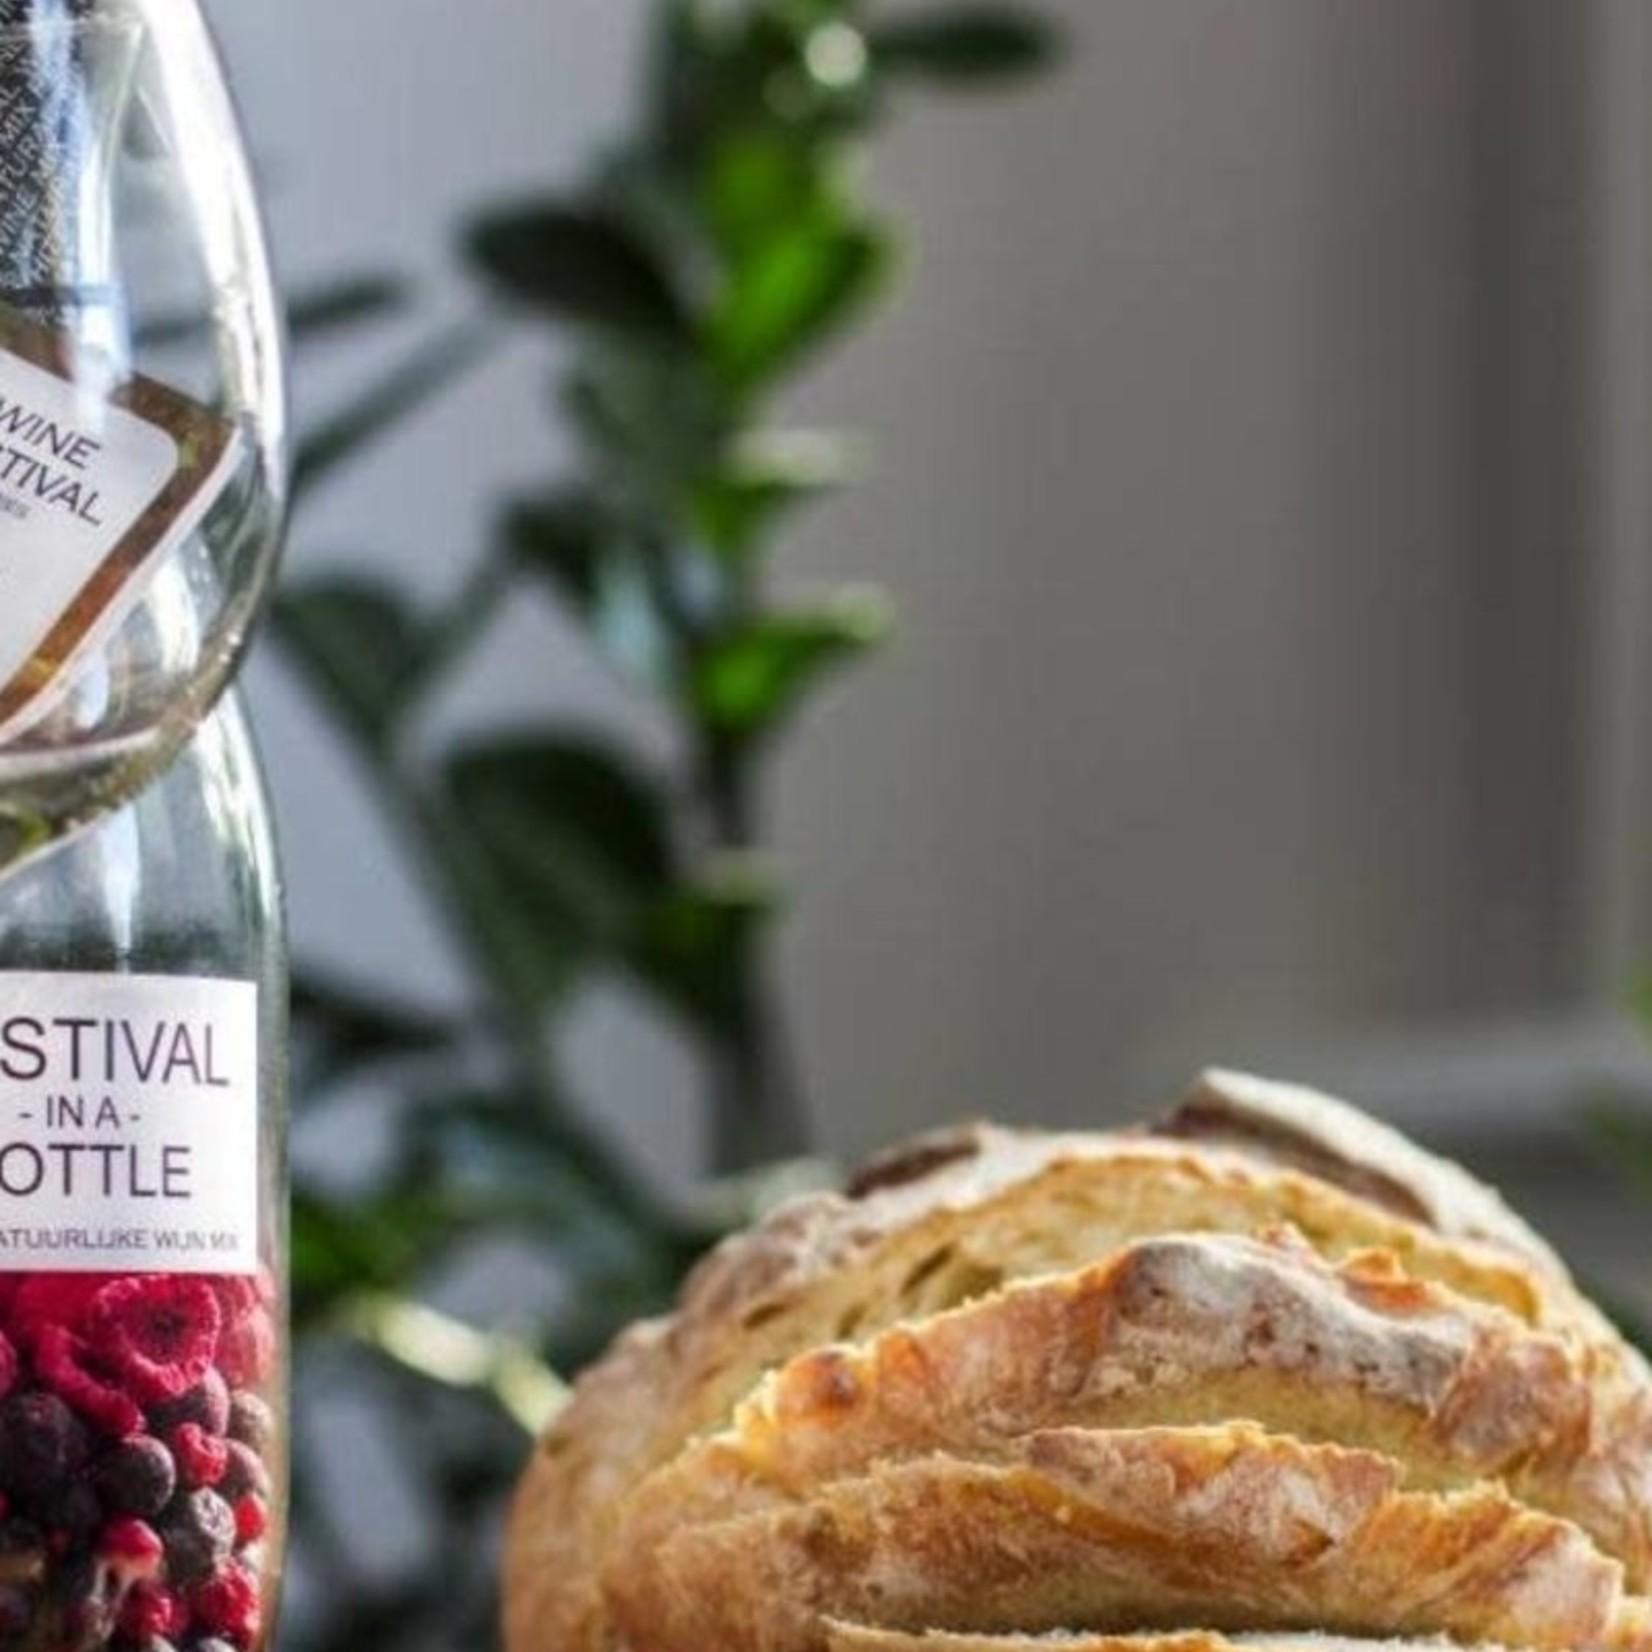 Festival in a bottle Wine festival - Berries